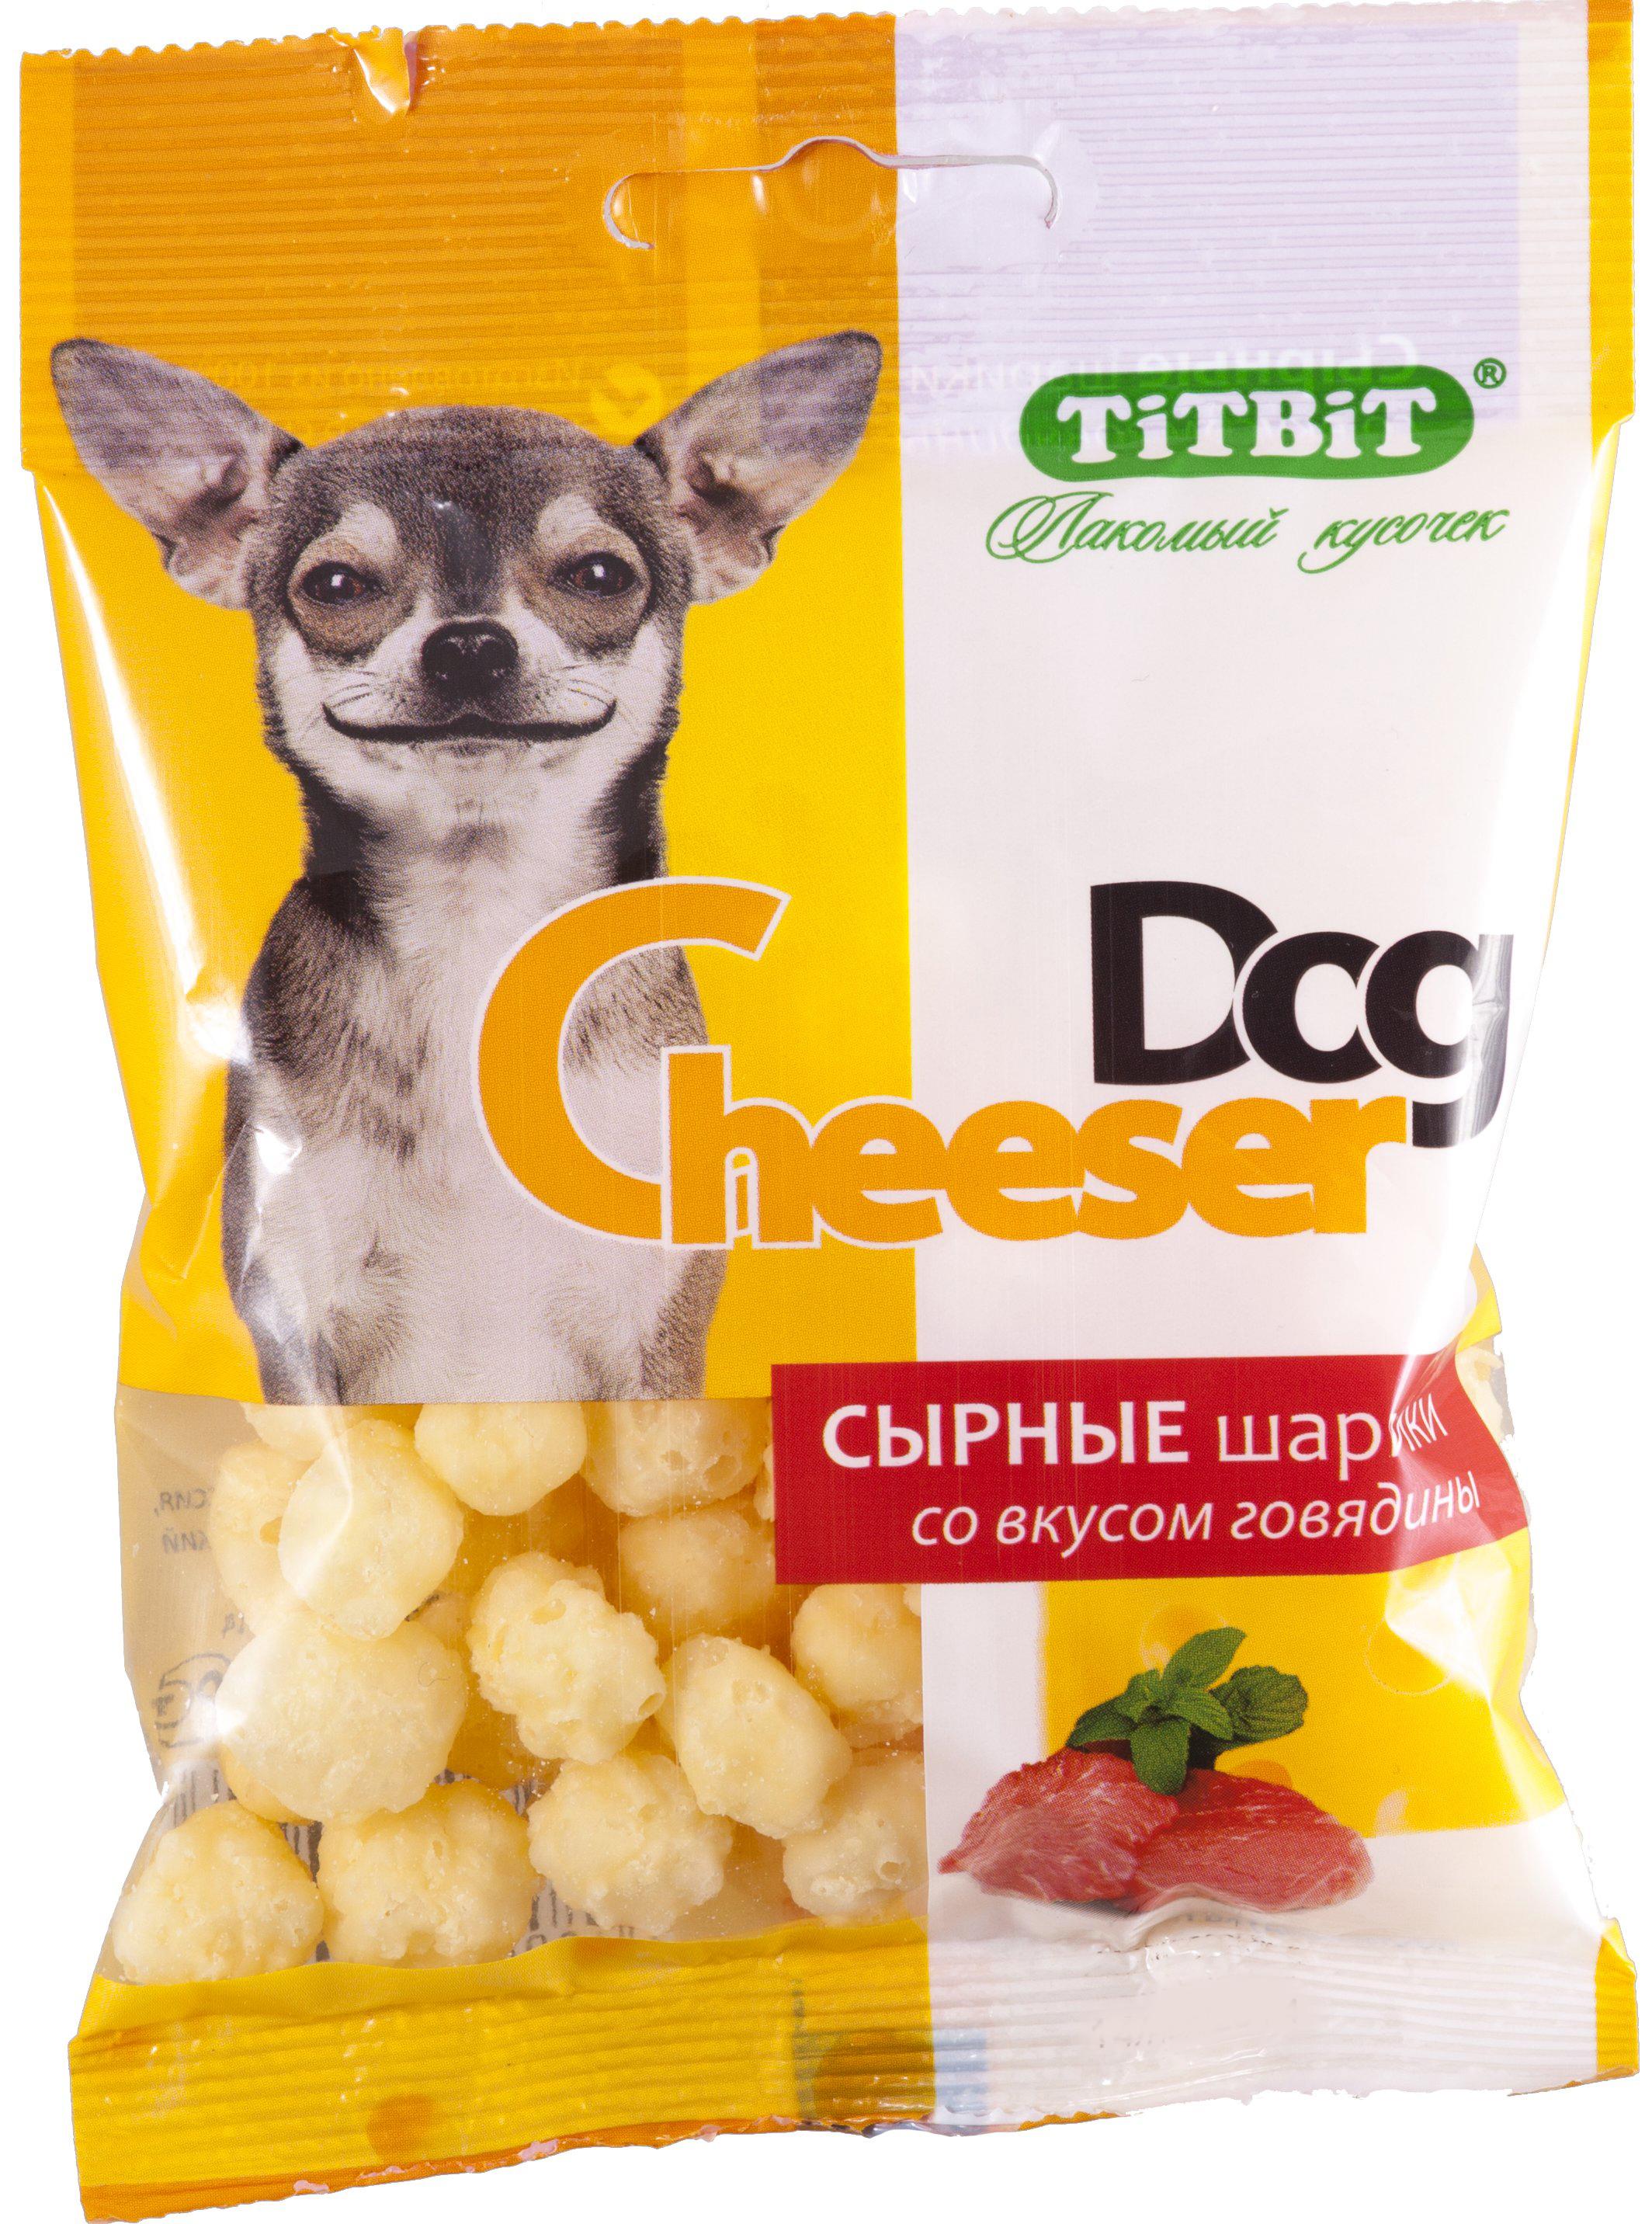 Лакомство для собак Titbit CheeserDog, сырные шарики со вкусом говядины, 30 г ezetil kc extreme 16